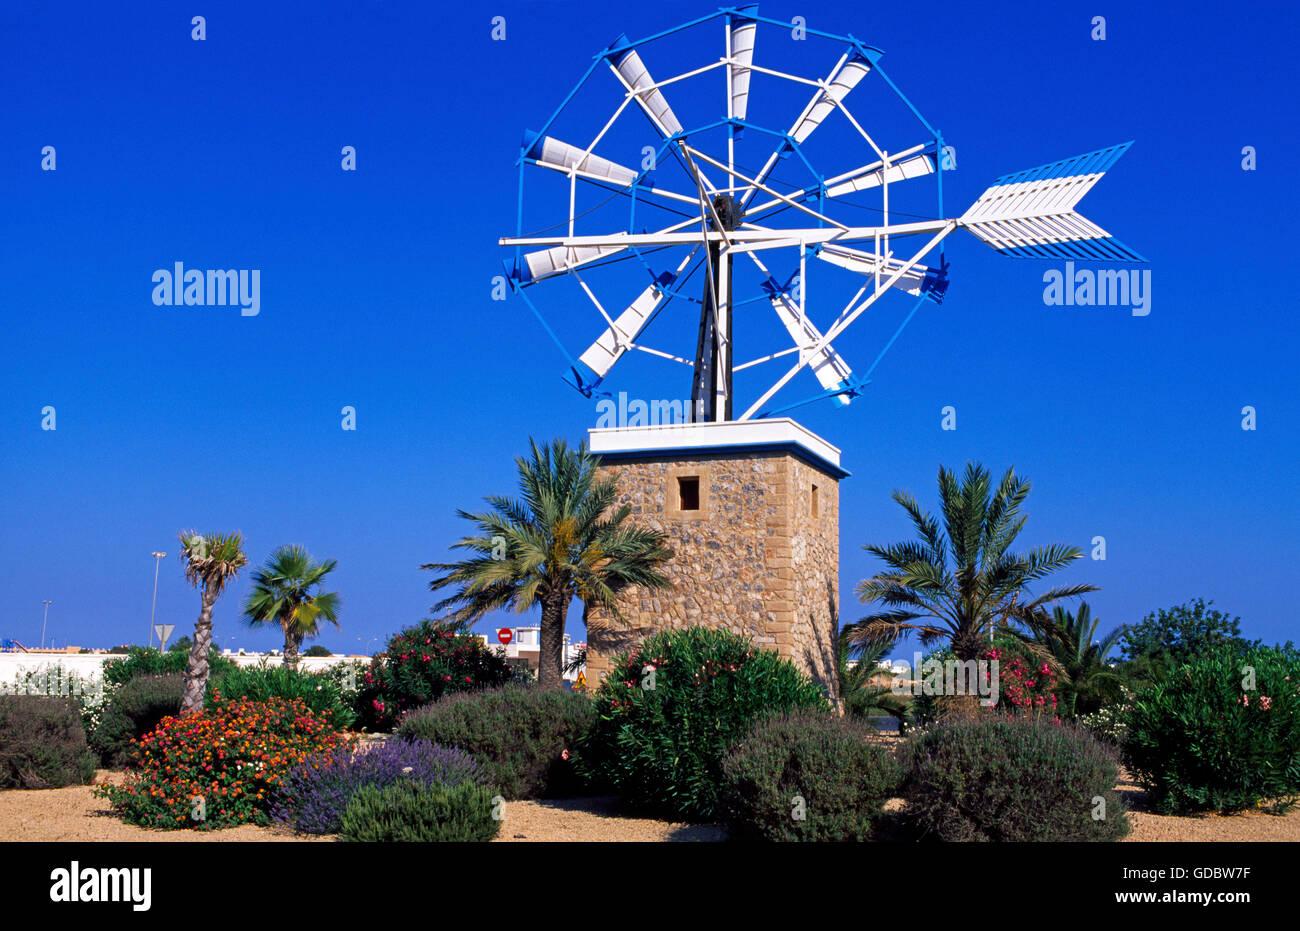 Windmühle in Sant Jordi, Ibiza, Balearen, Spanien Stockbild